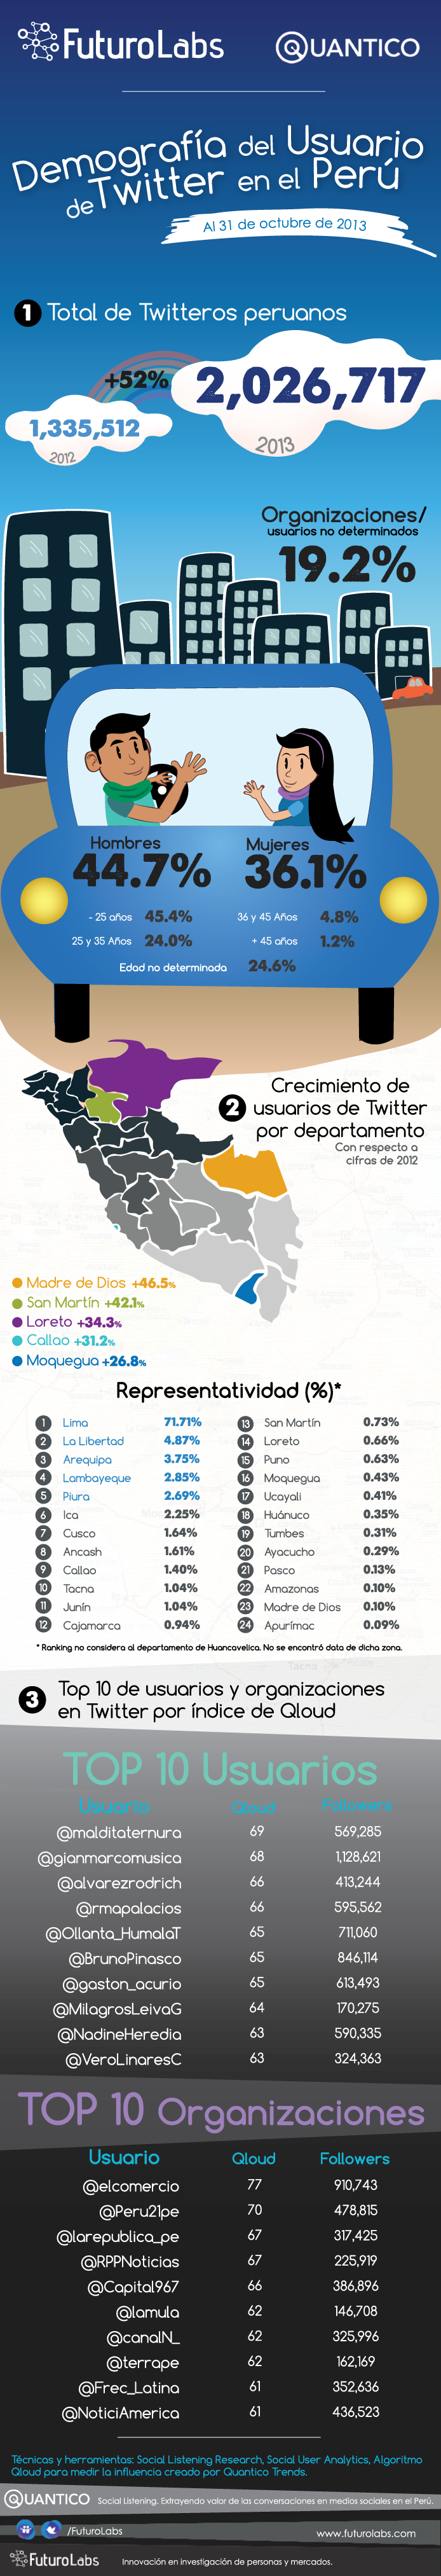 Demografía-de-los-usuarios-de-Twitter-en-el-Perú-2013-2